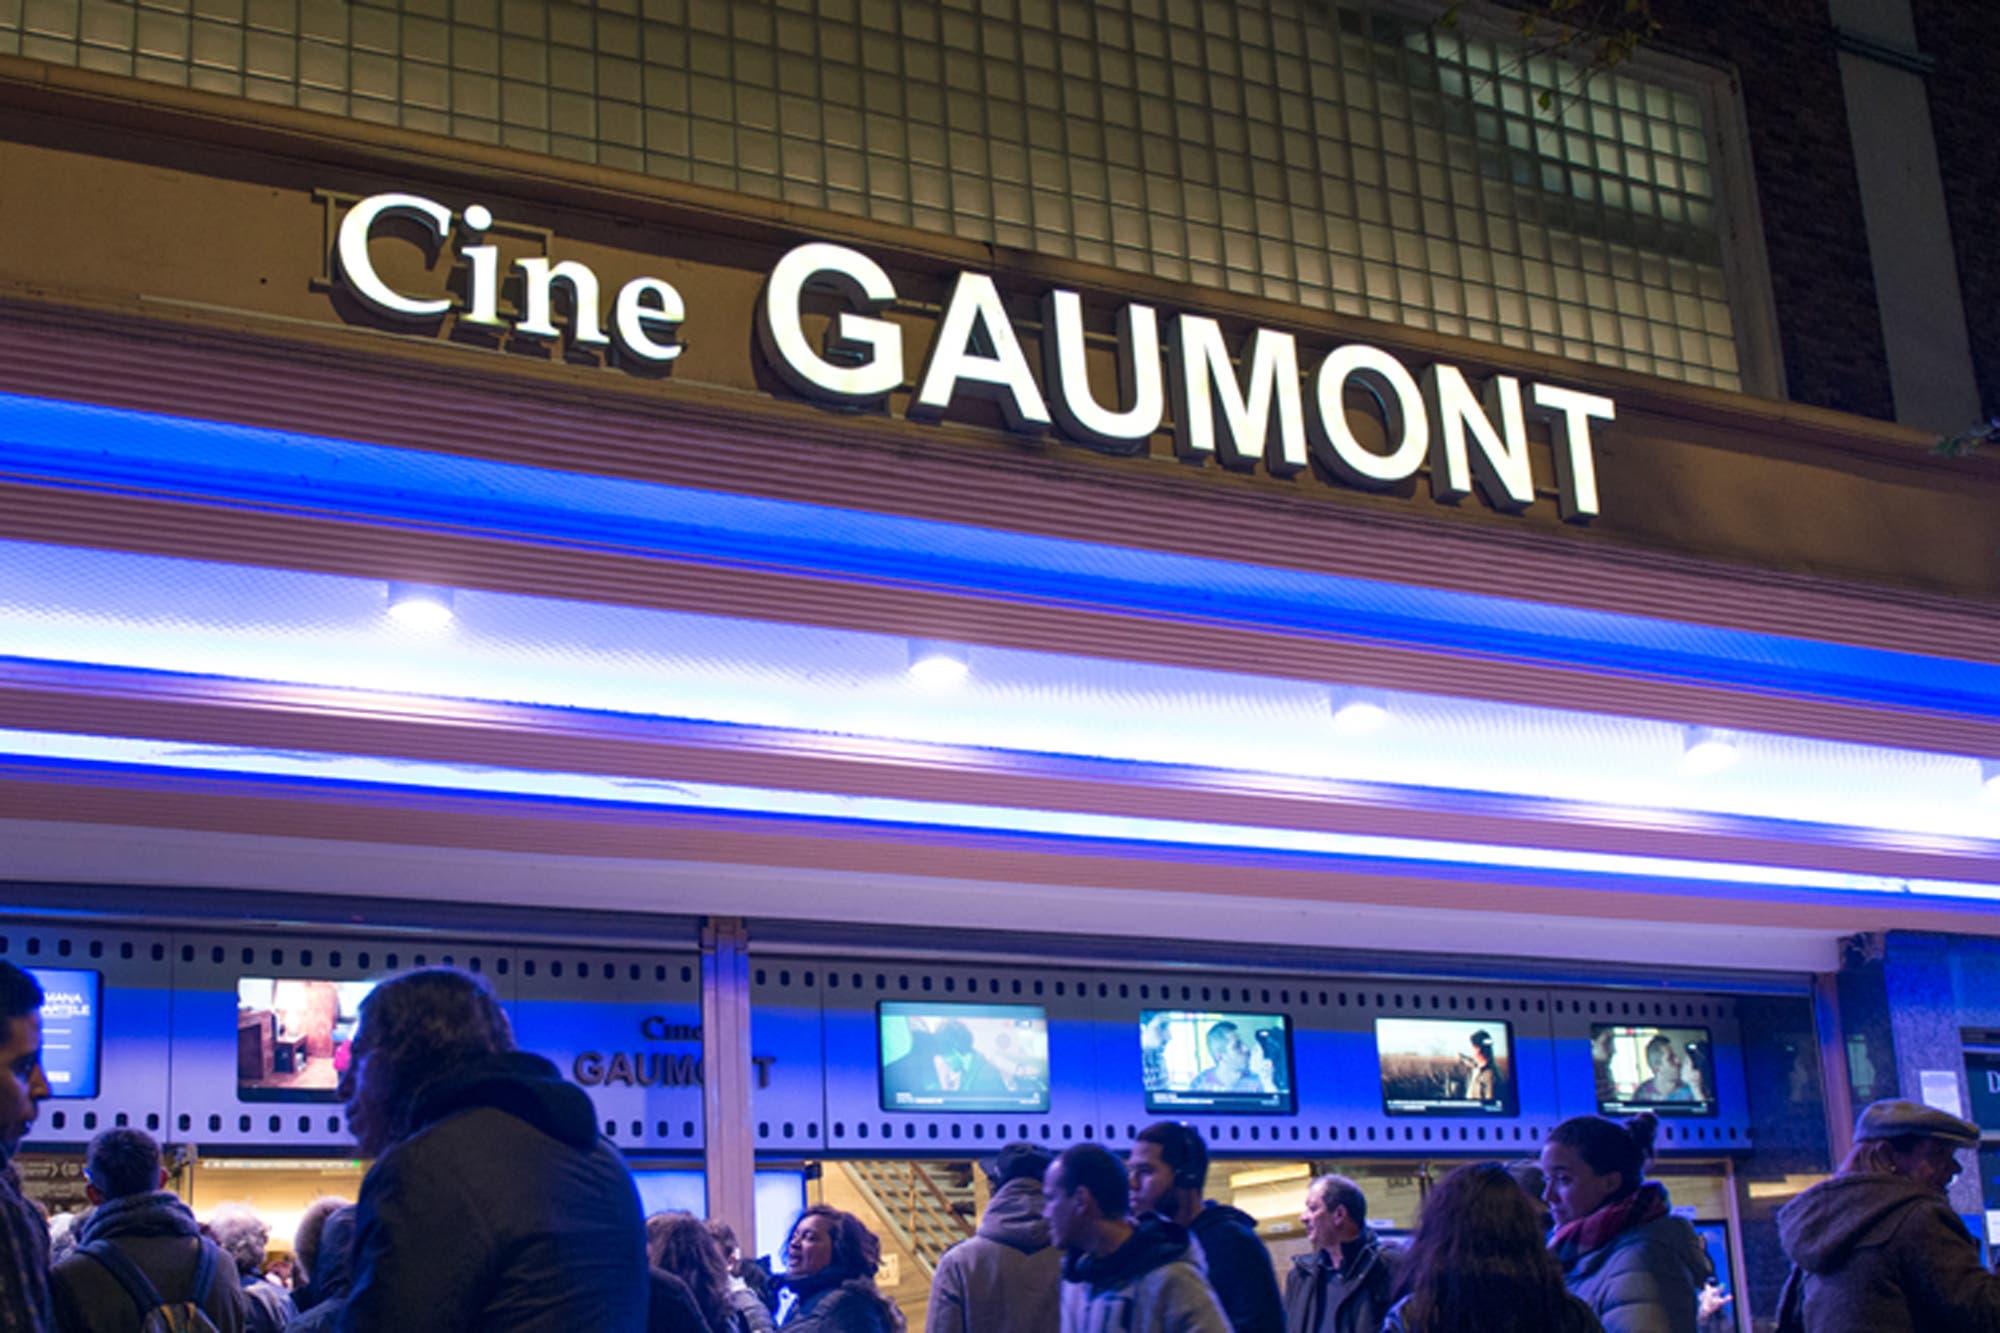 En medio de versiones cruzadas, el cine Gaumont reabrió sus puertas